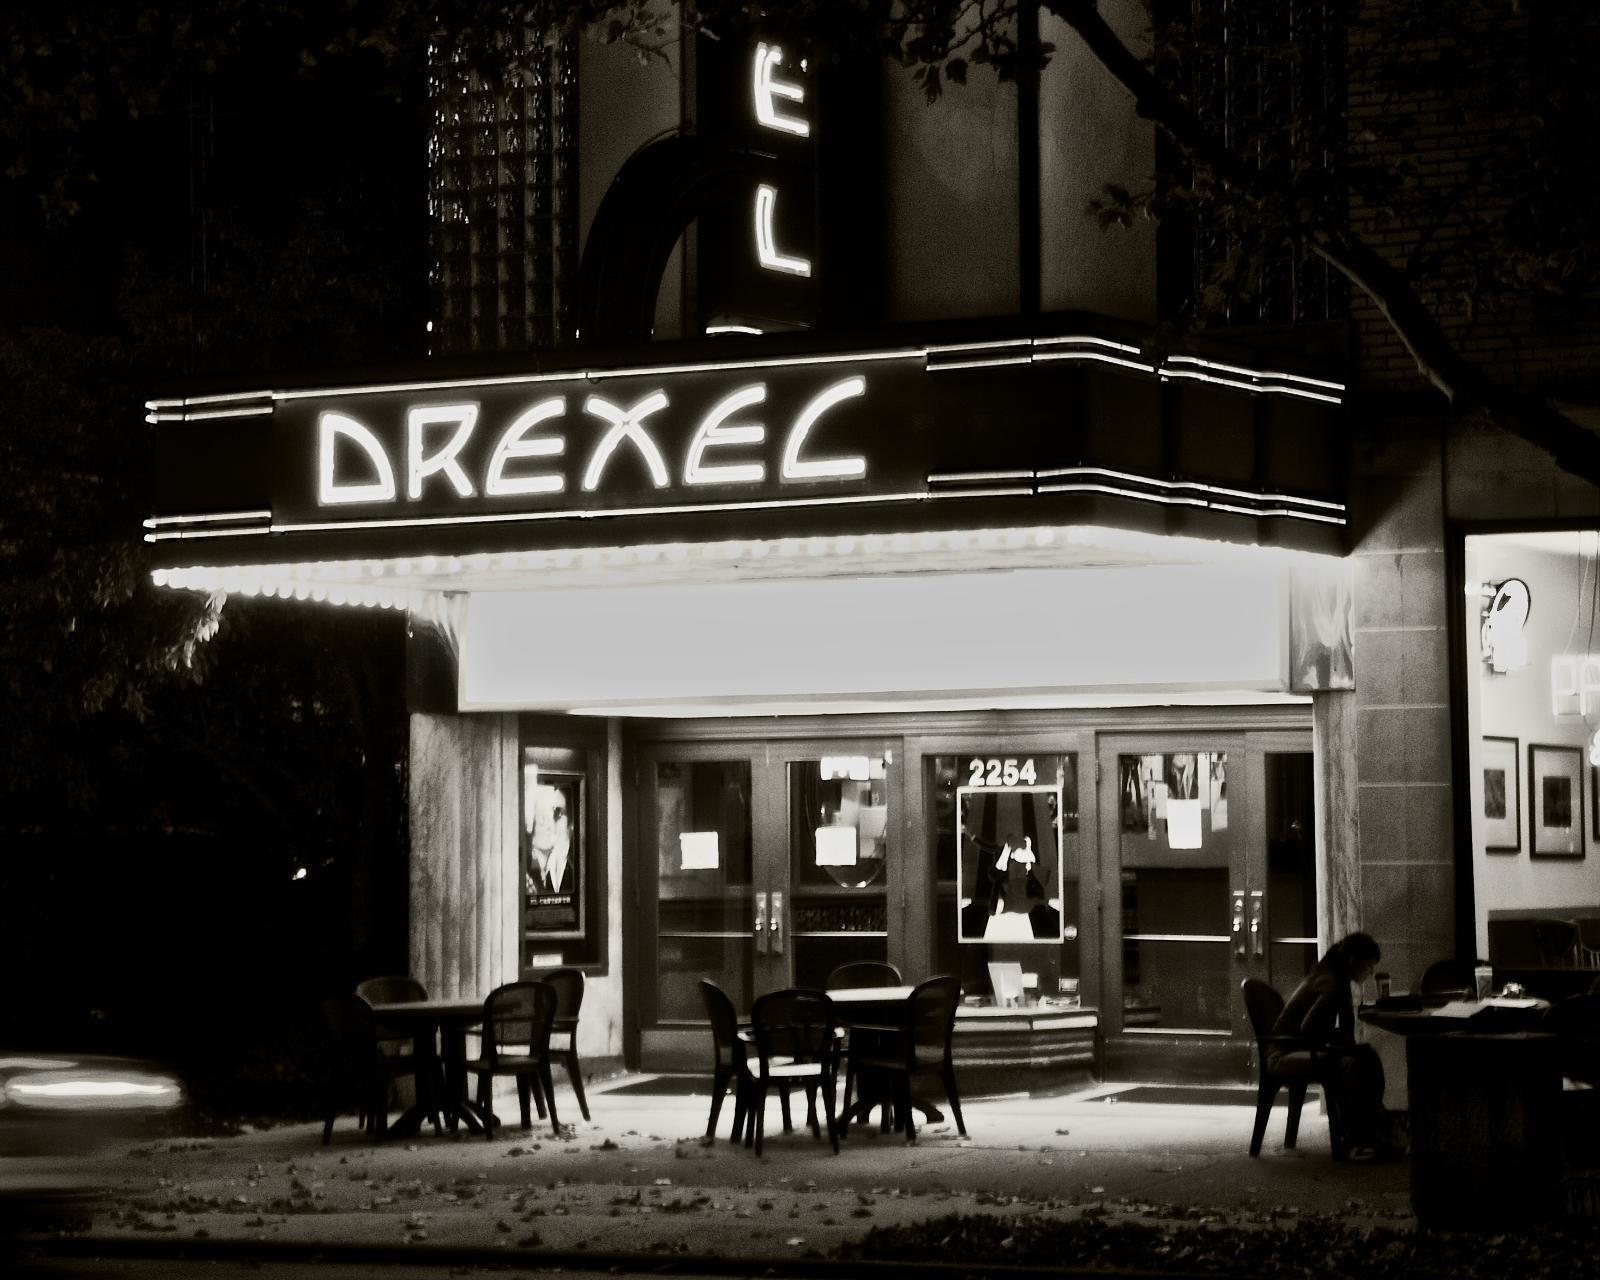 drexel at night.jpg